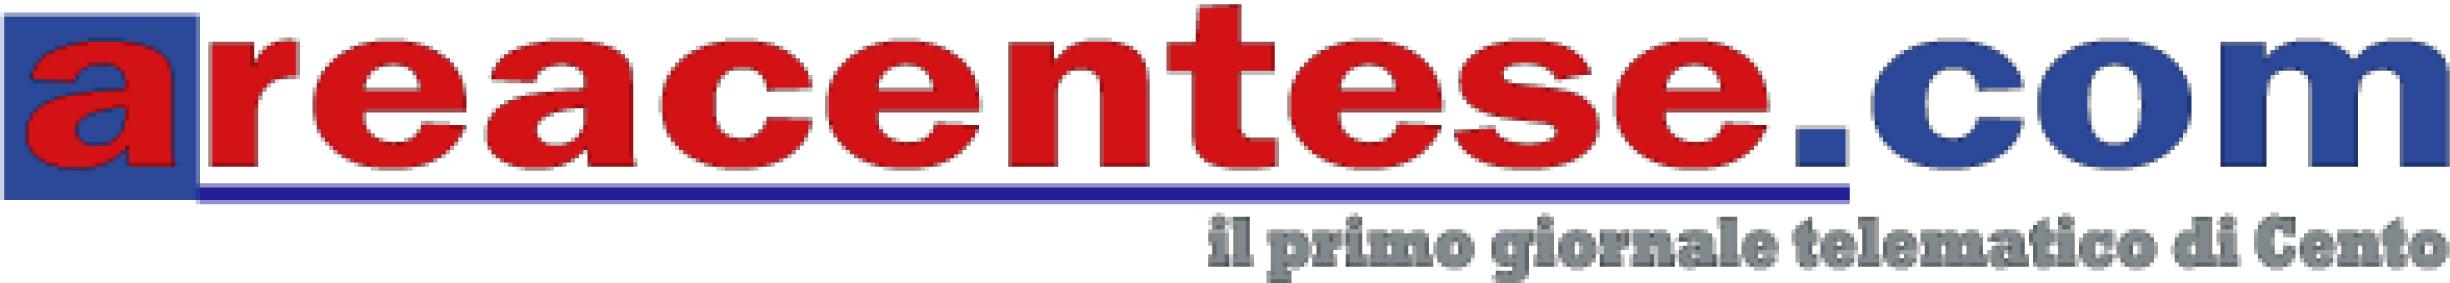 areacentese.com